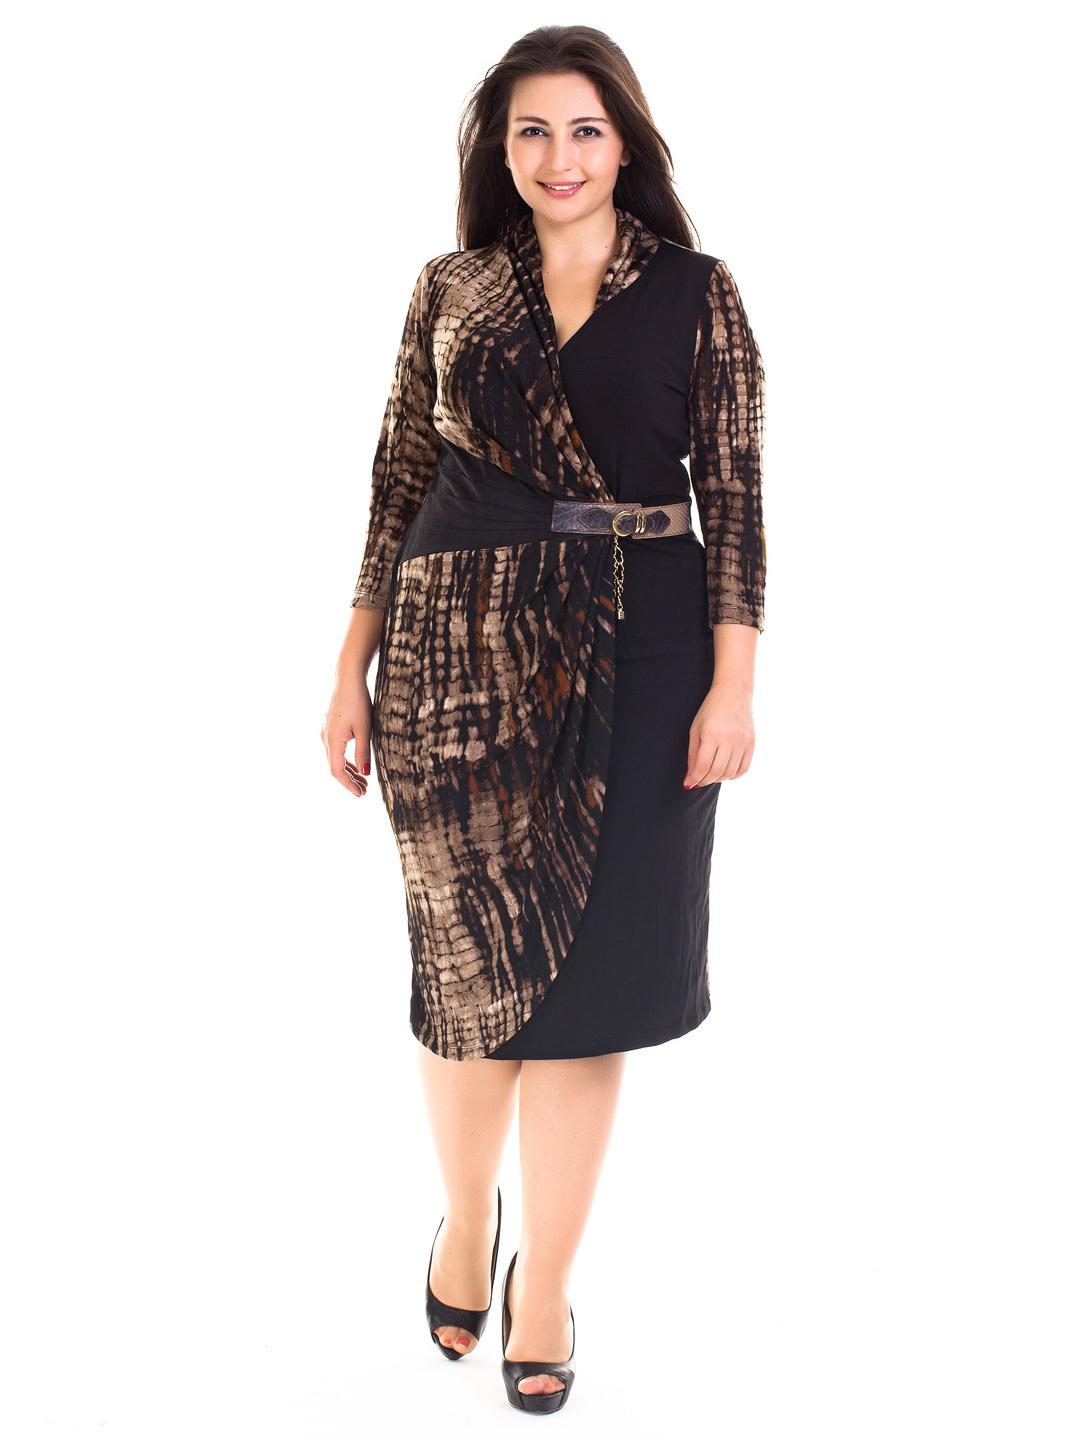 Plus Size Dresses Collection 2013   Plus Size Party ...